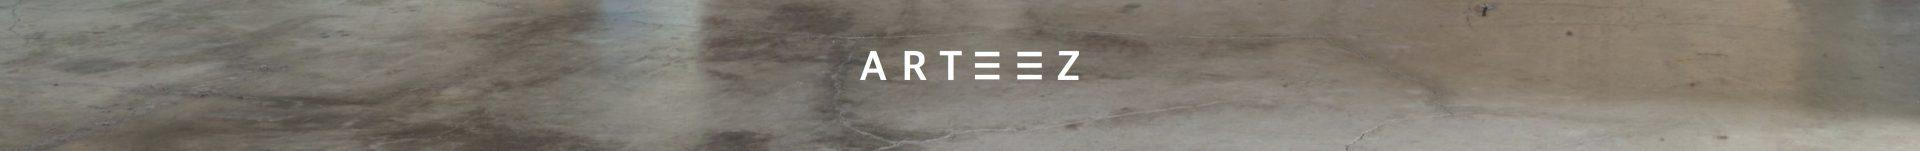 cropped-arteez_logo_beton1.jpg